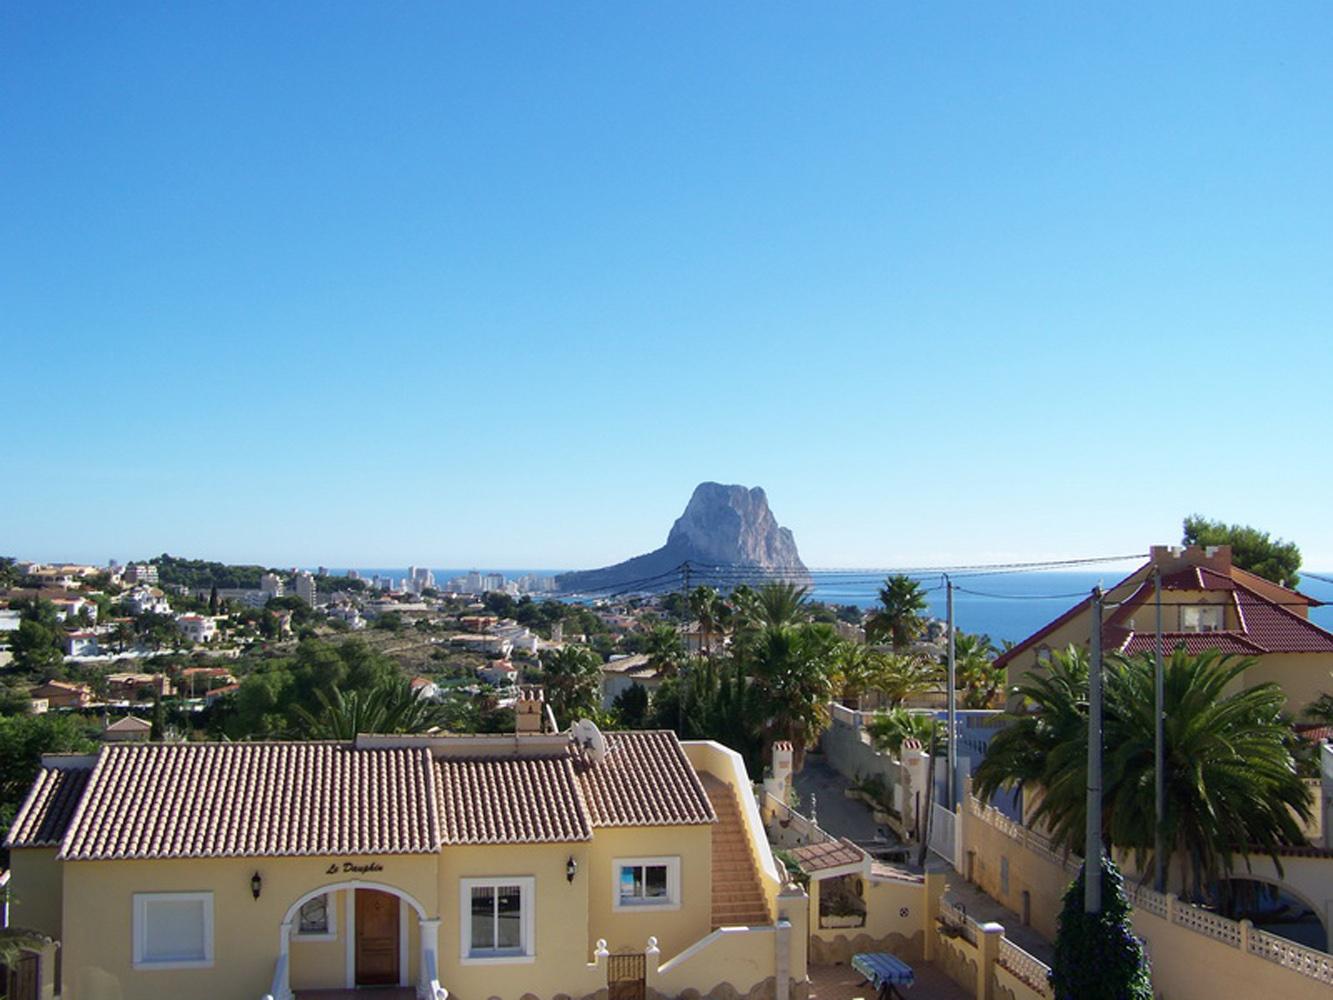 Испания аликанте купить недвижимость ялта